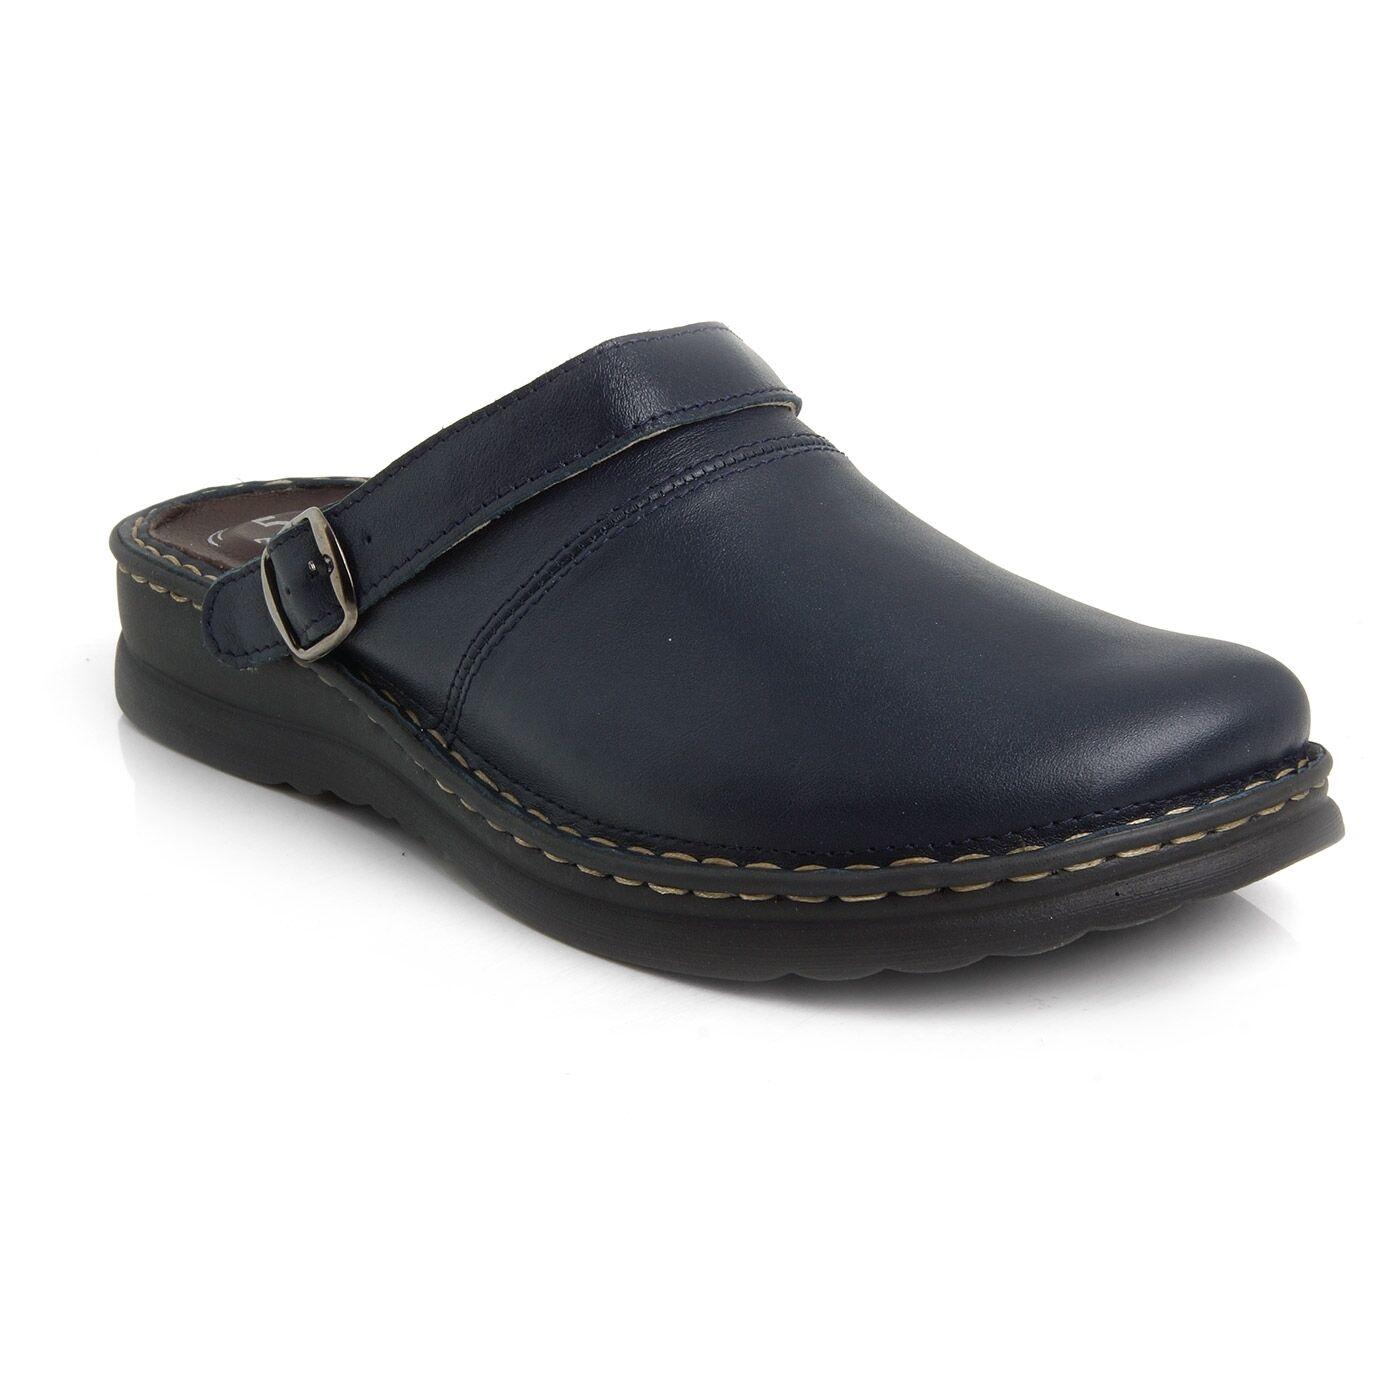 Batz ZORAN ZORAN Batz 5-Zones Navy Blau   Herren Leder Slip On Mules Clogs Sandales Schuhes UK 4f52ef